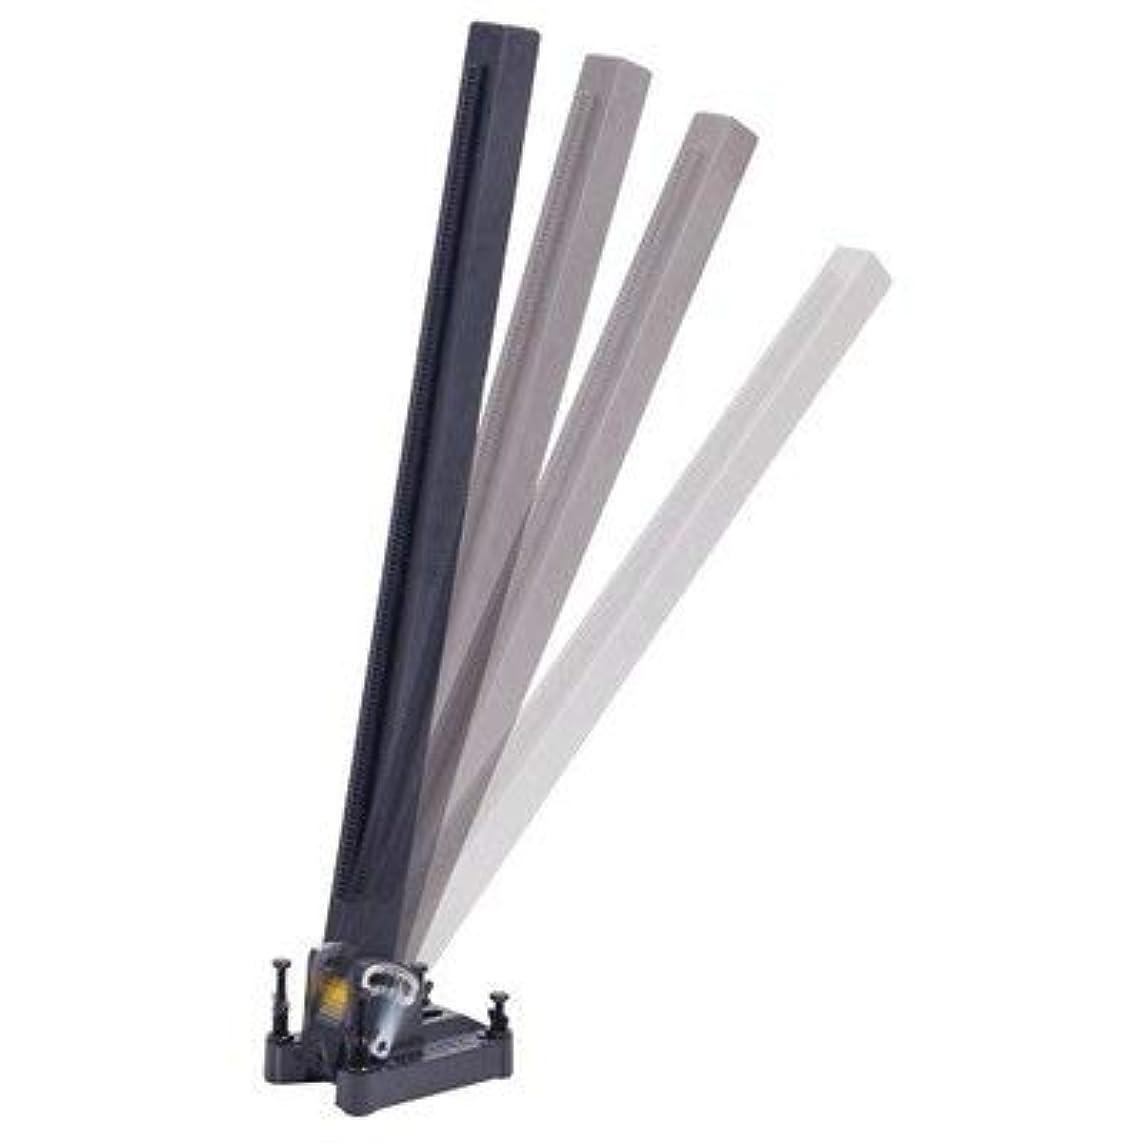 スペード配分頼るシブヤ 角度付支柱 AB-52 (50角800mm支柱&ベースセットタイプ) 052484 【メーカー取寄品】